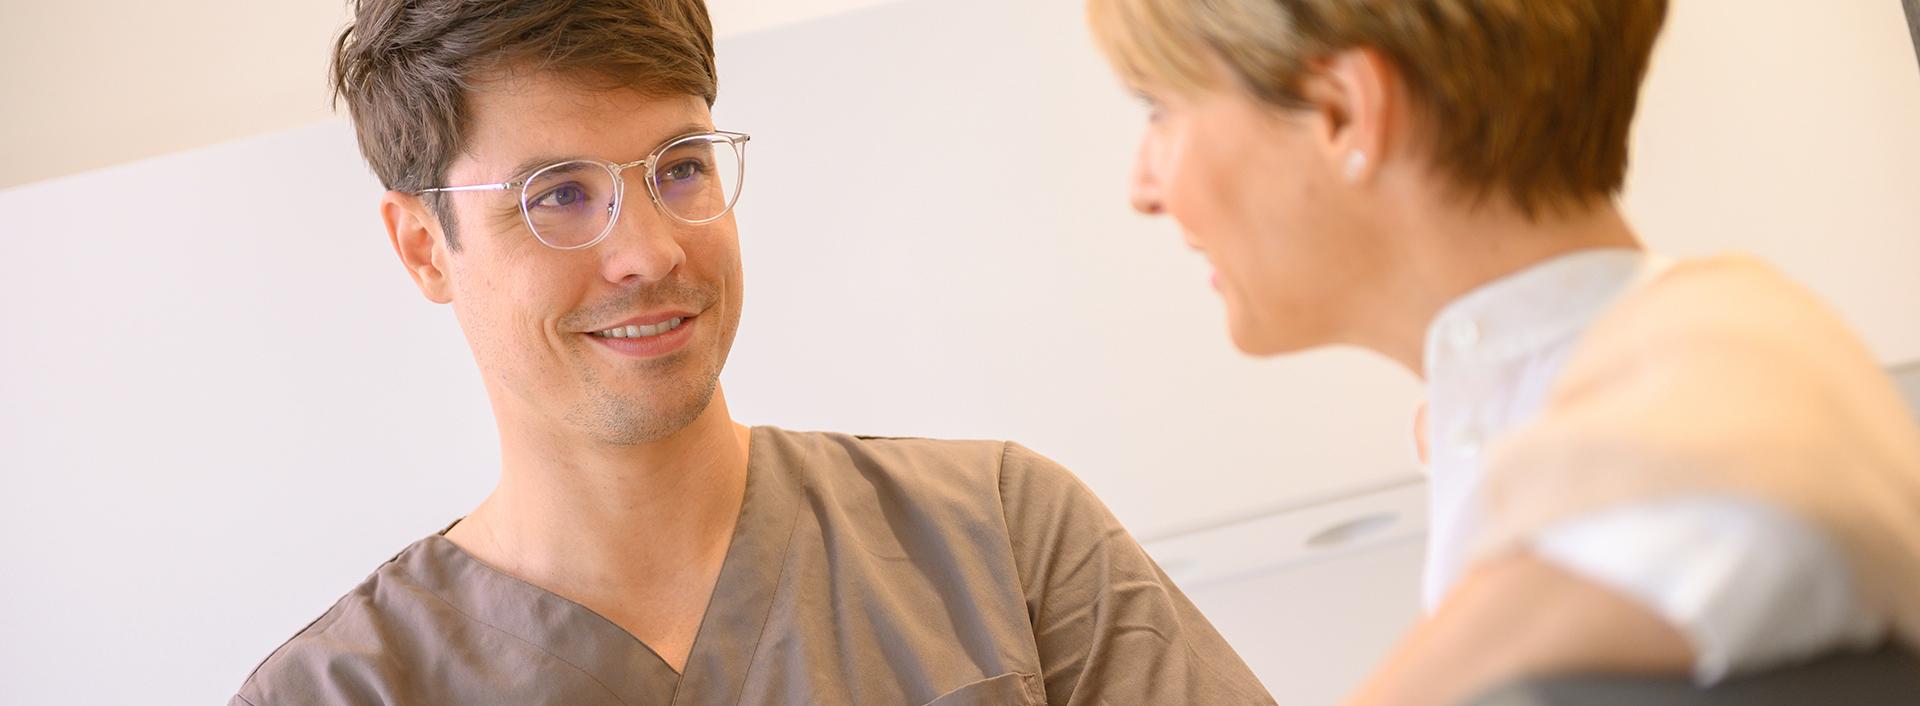 Patientin und Arzt führen ein Gespräch